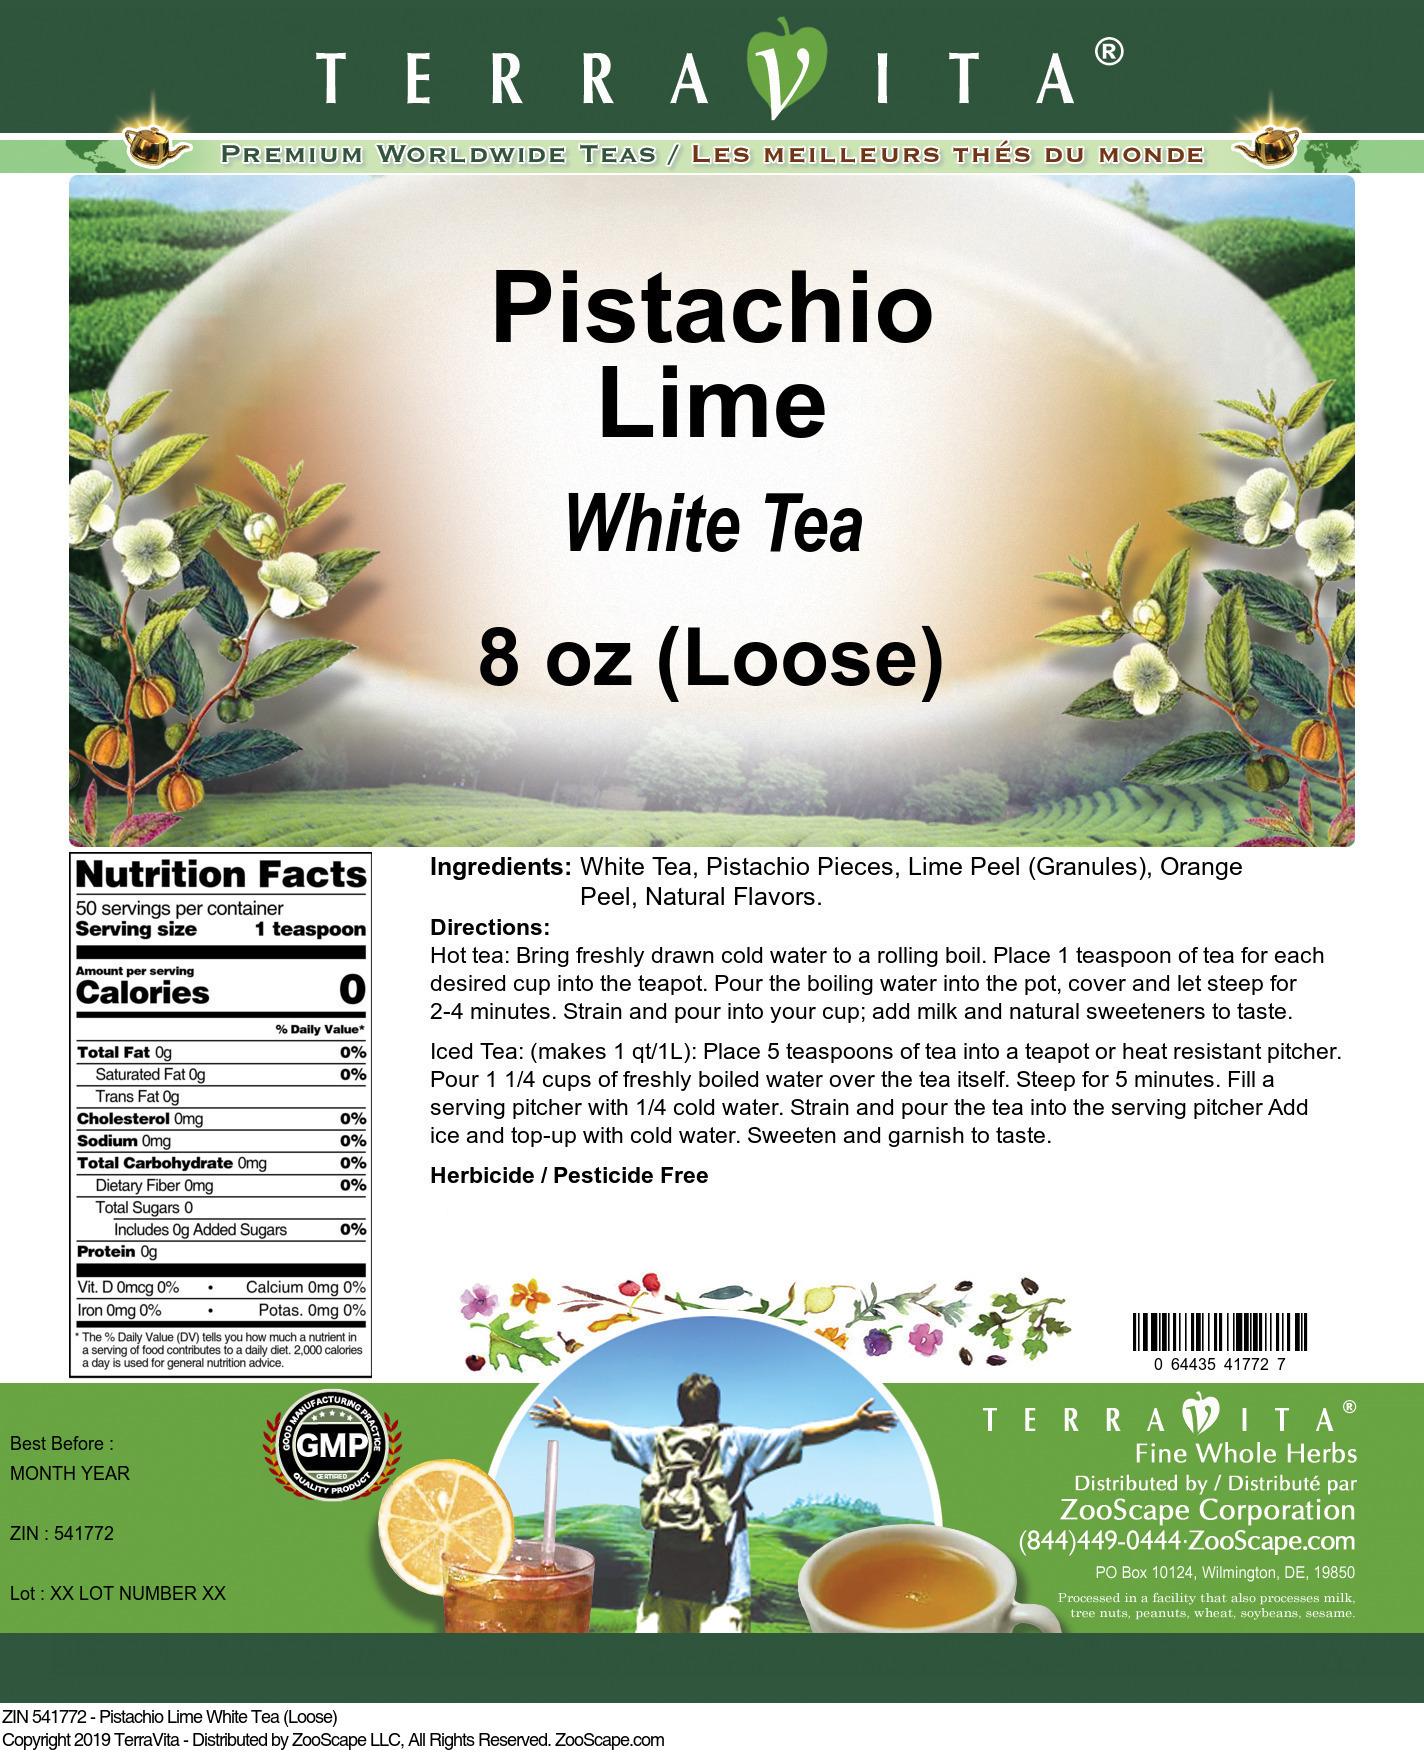 Pistachio Lime White Tea (Loose)